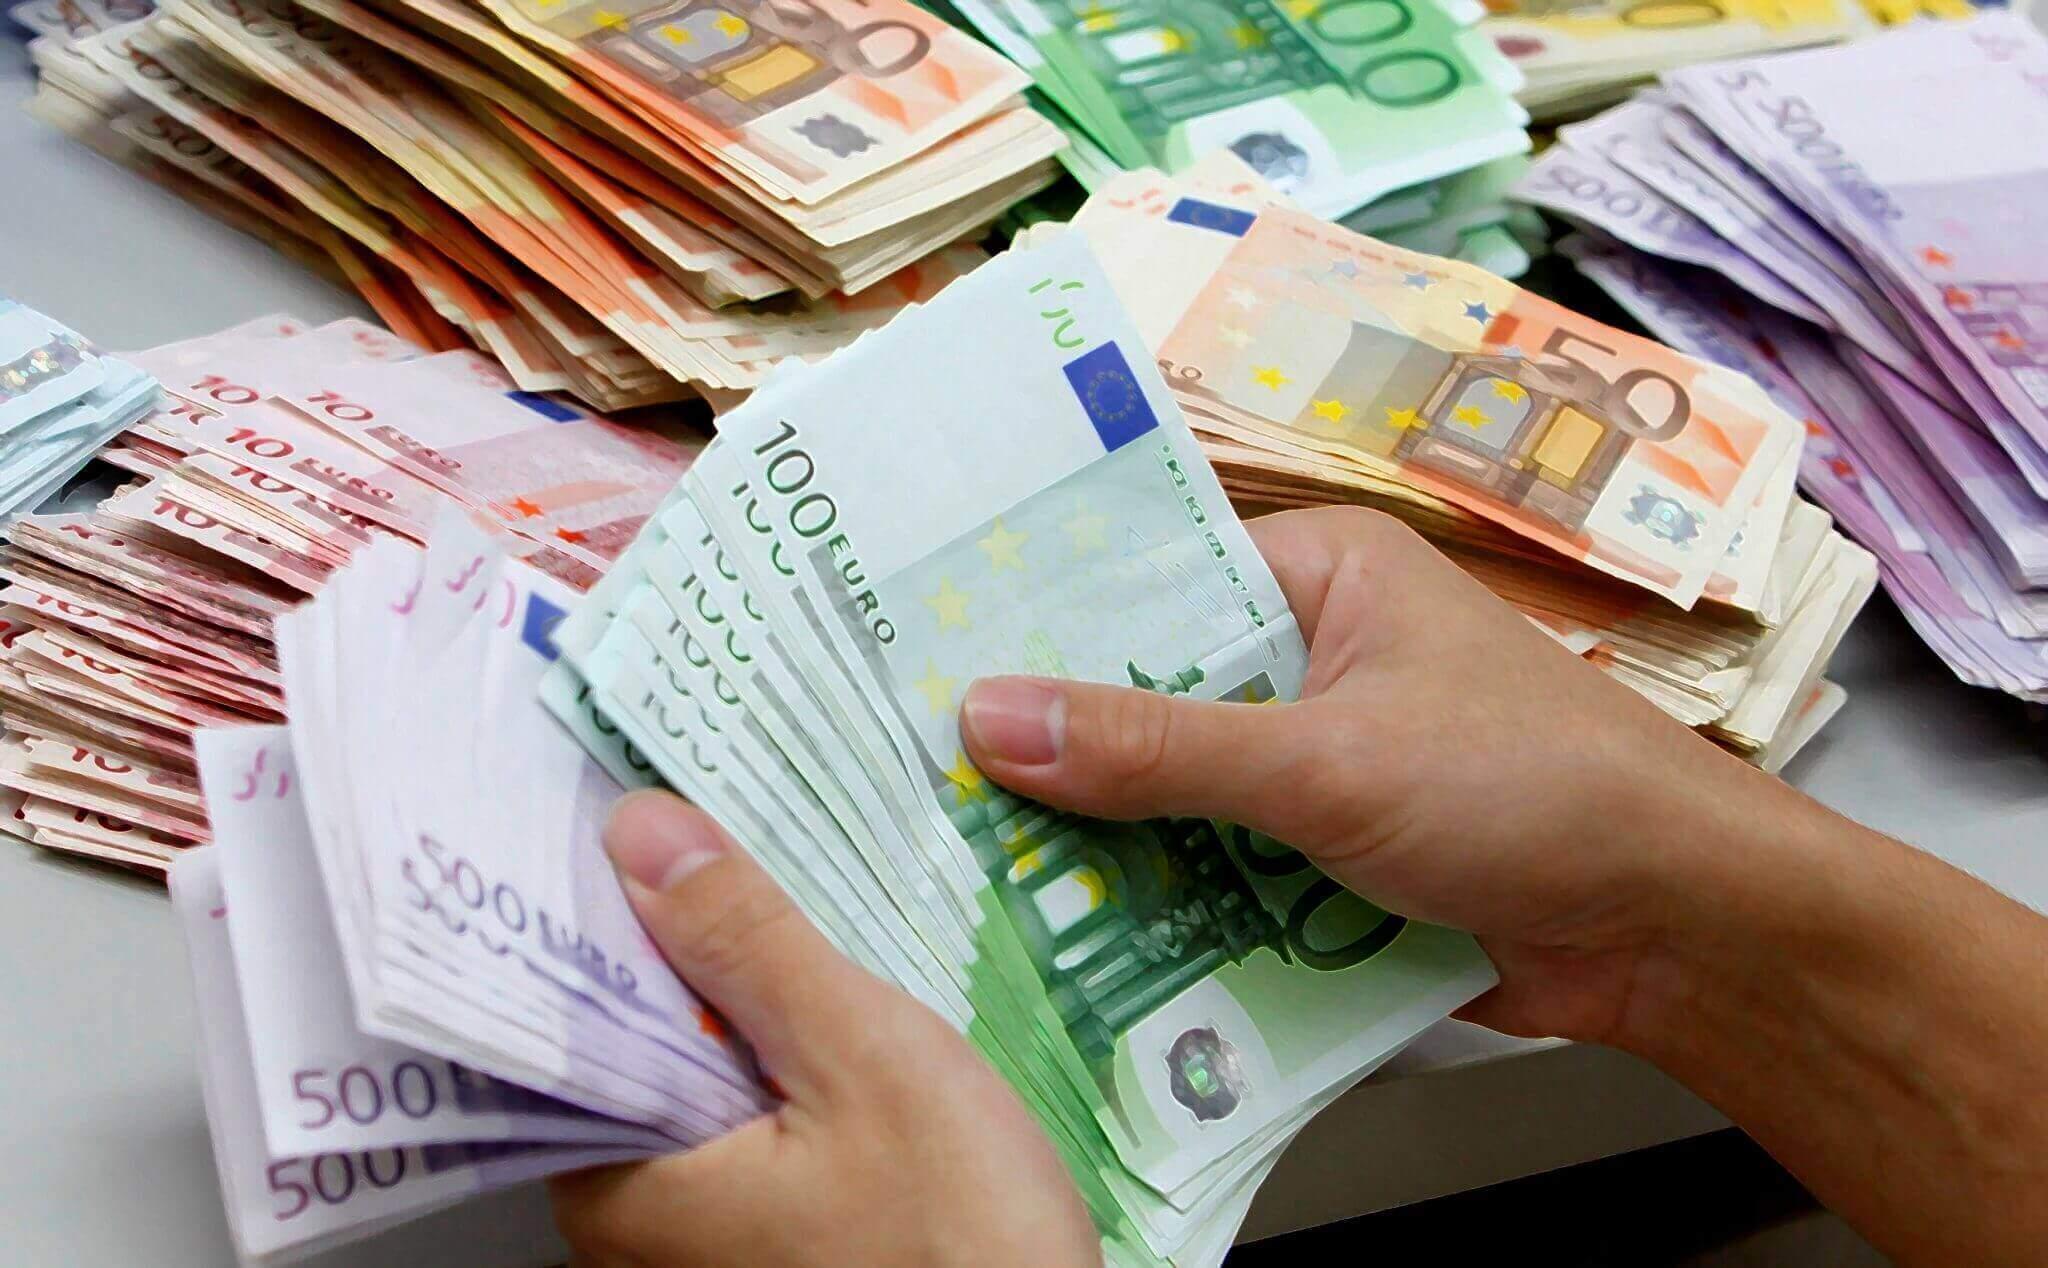 Come attrarre denaro e abbondanza nella tua vita sfruttando la legge di attrazione